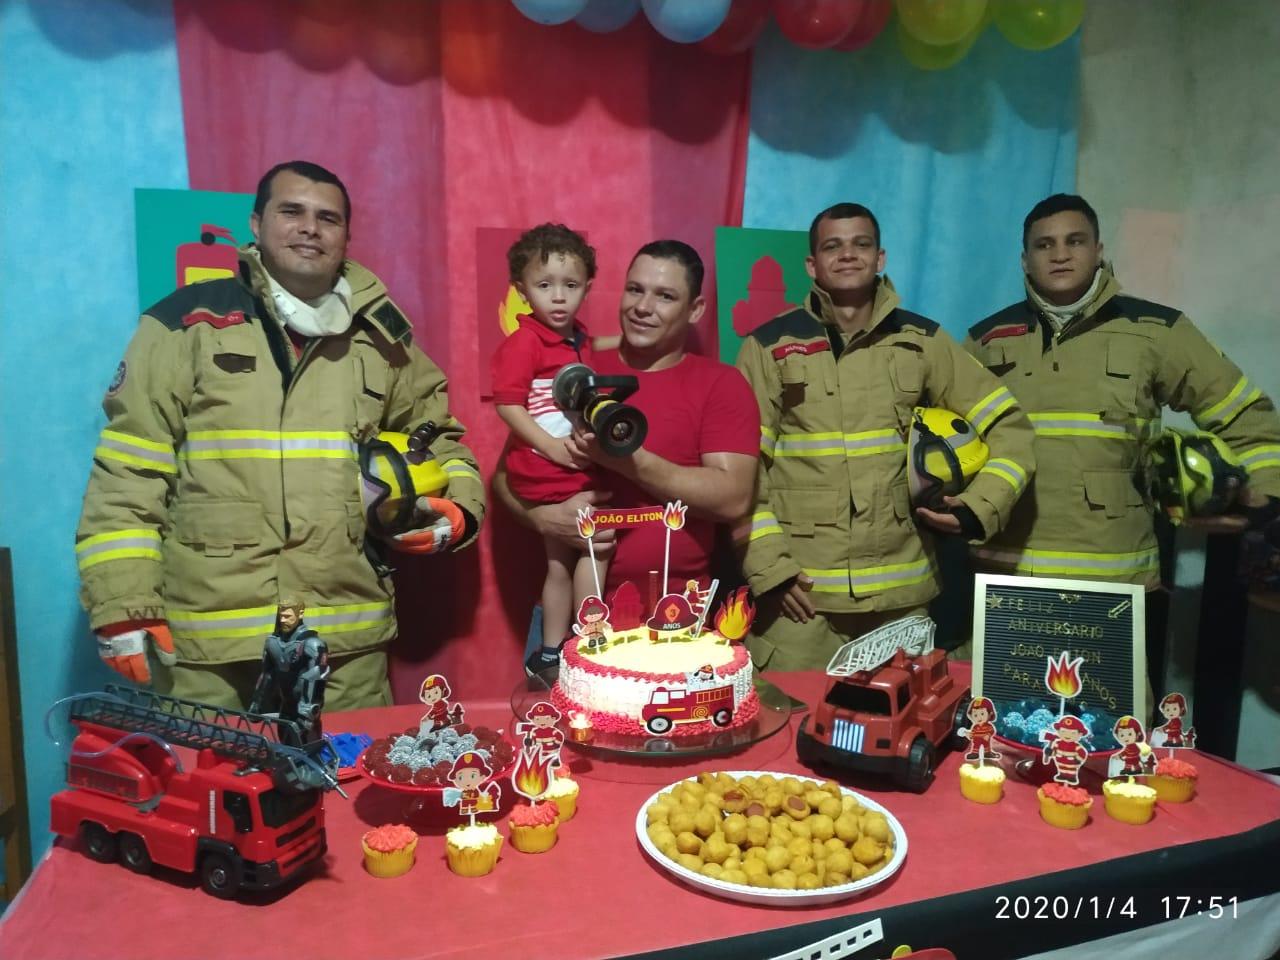 Bombeiros realizam sonho de criança de 3 anos no dia do aniversário